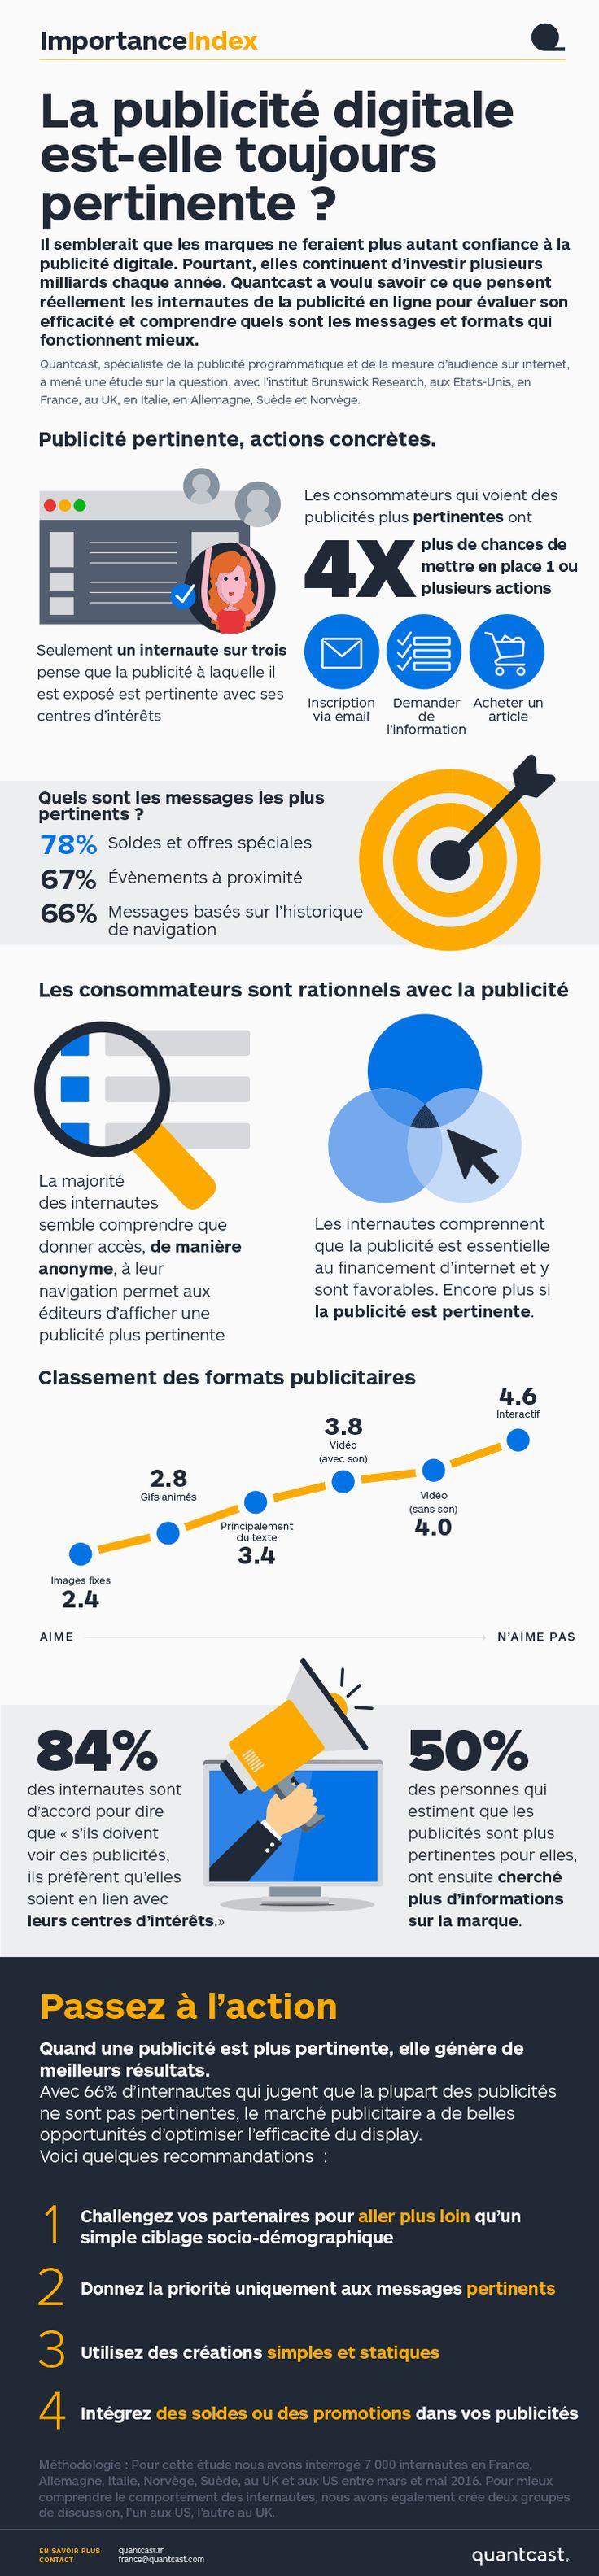 Ce que les internautes pensent de la #publicité #digitale - infographie  Quantcast - 2017